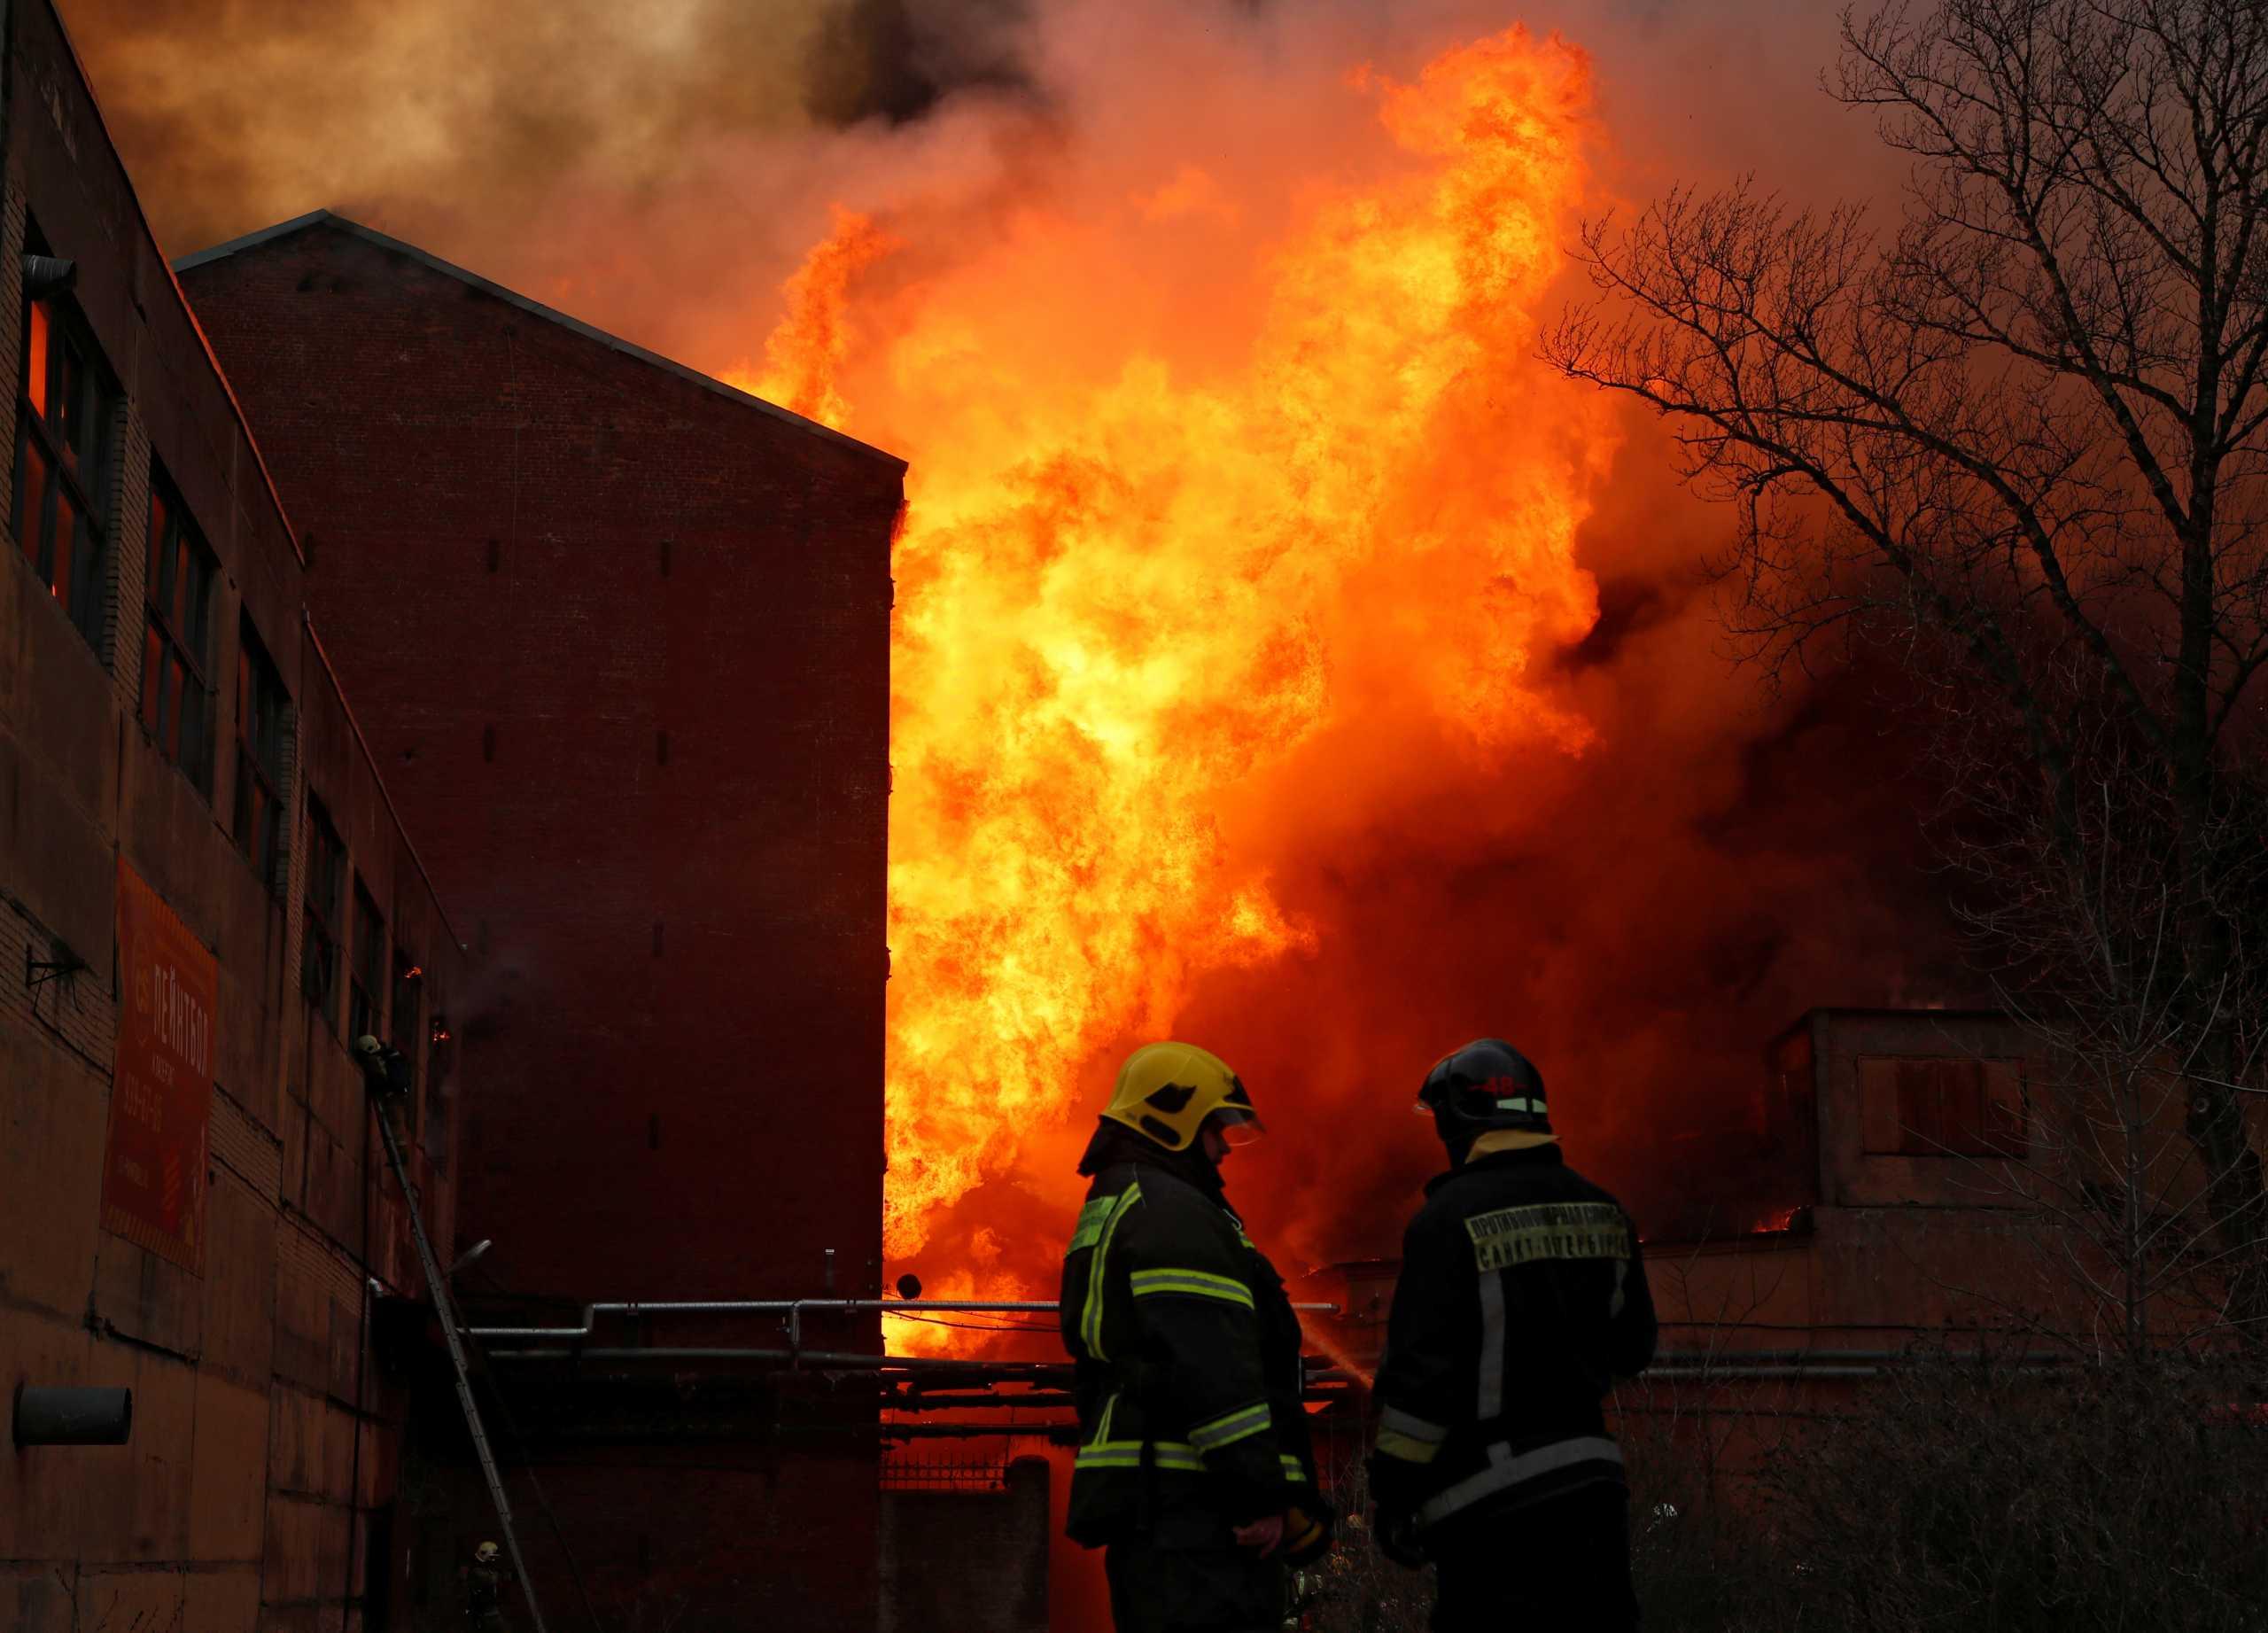 Ρωσία: Σε σοβαρή κατάσταση δύο πυροσβέστες από τη φωτιά στο εργοστάσιο της Αγίας Πετρούπολης